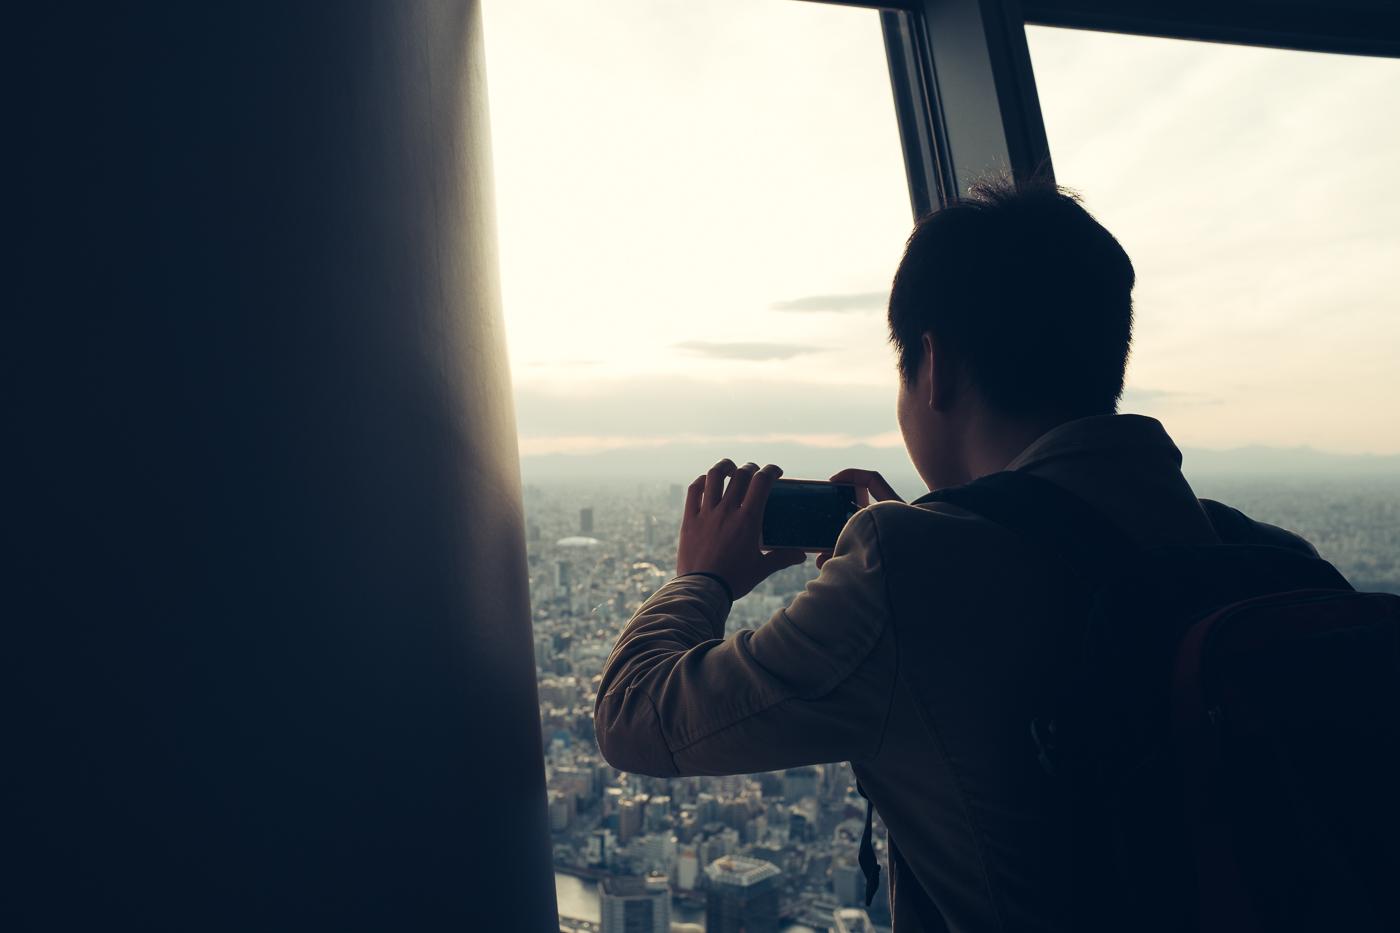 Une photo avec un smartphone vaut bien un souvenir lorsqu'on se hisse en haut du Tokyo Skytree